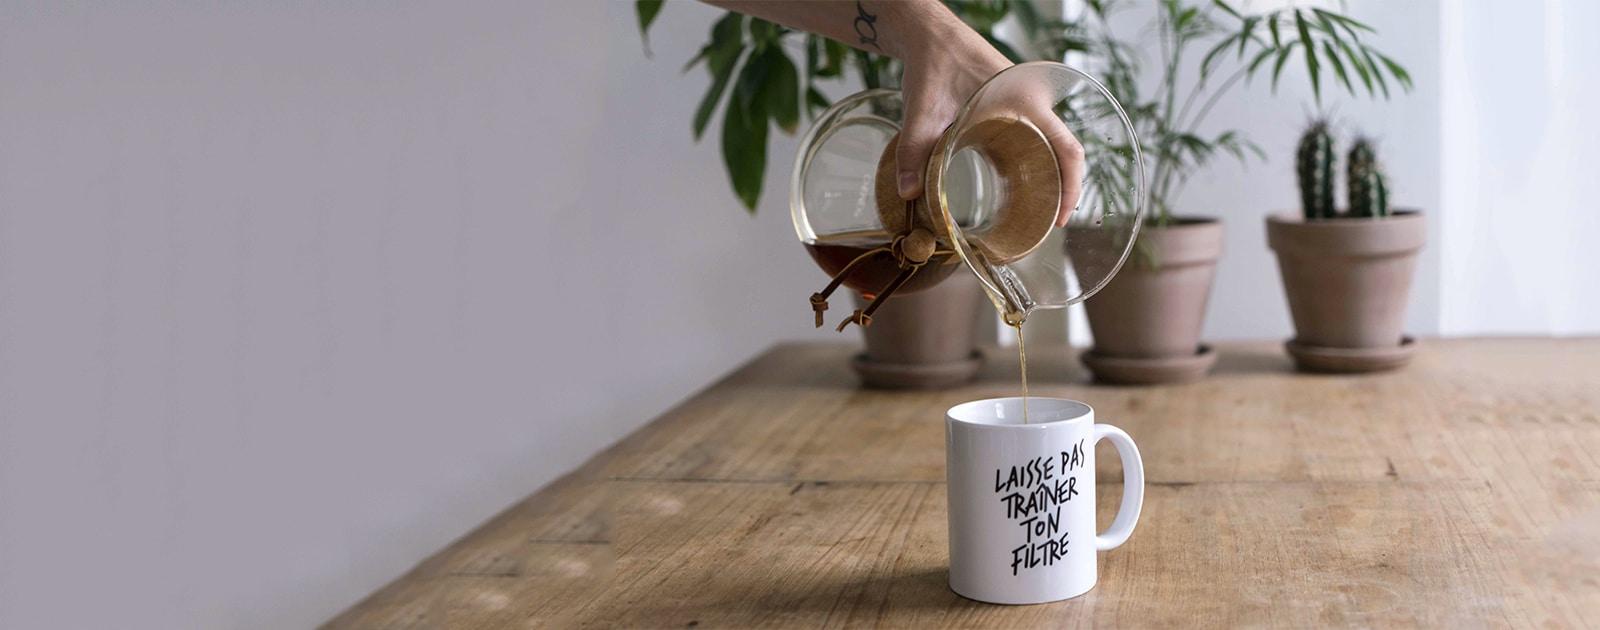 Comment faire un bon café chez soi ?